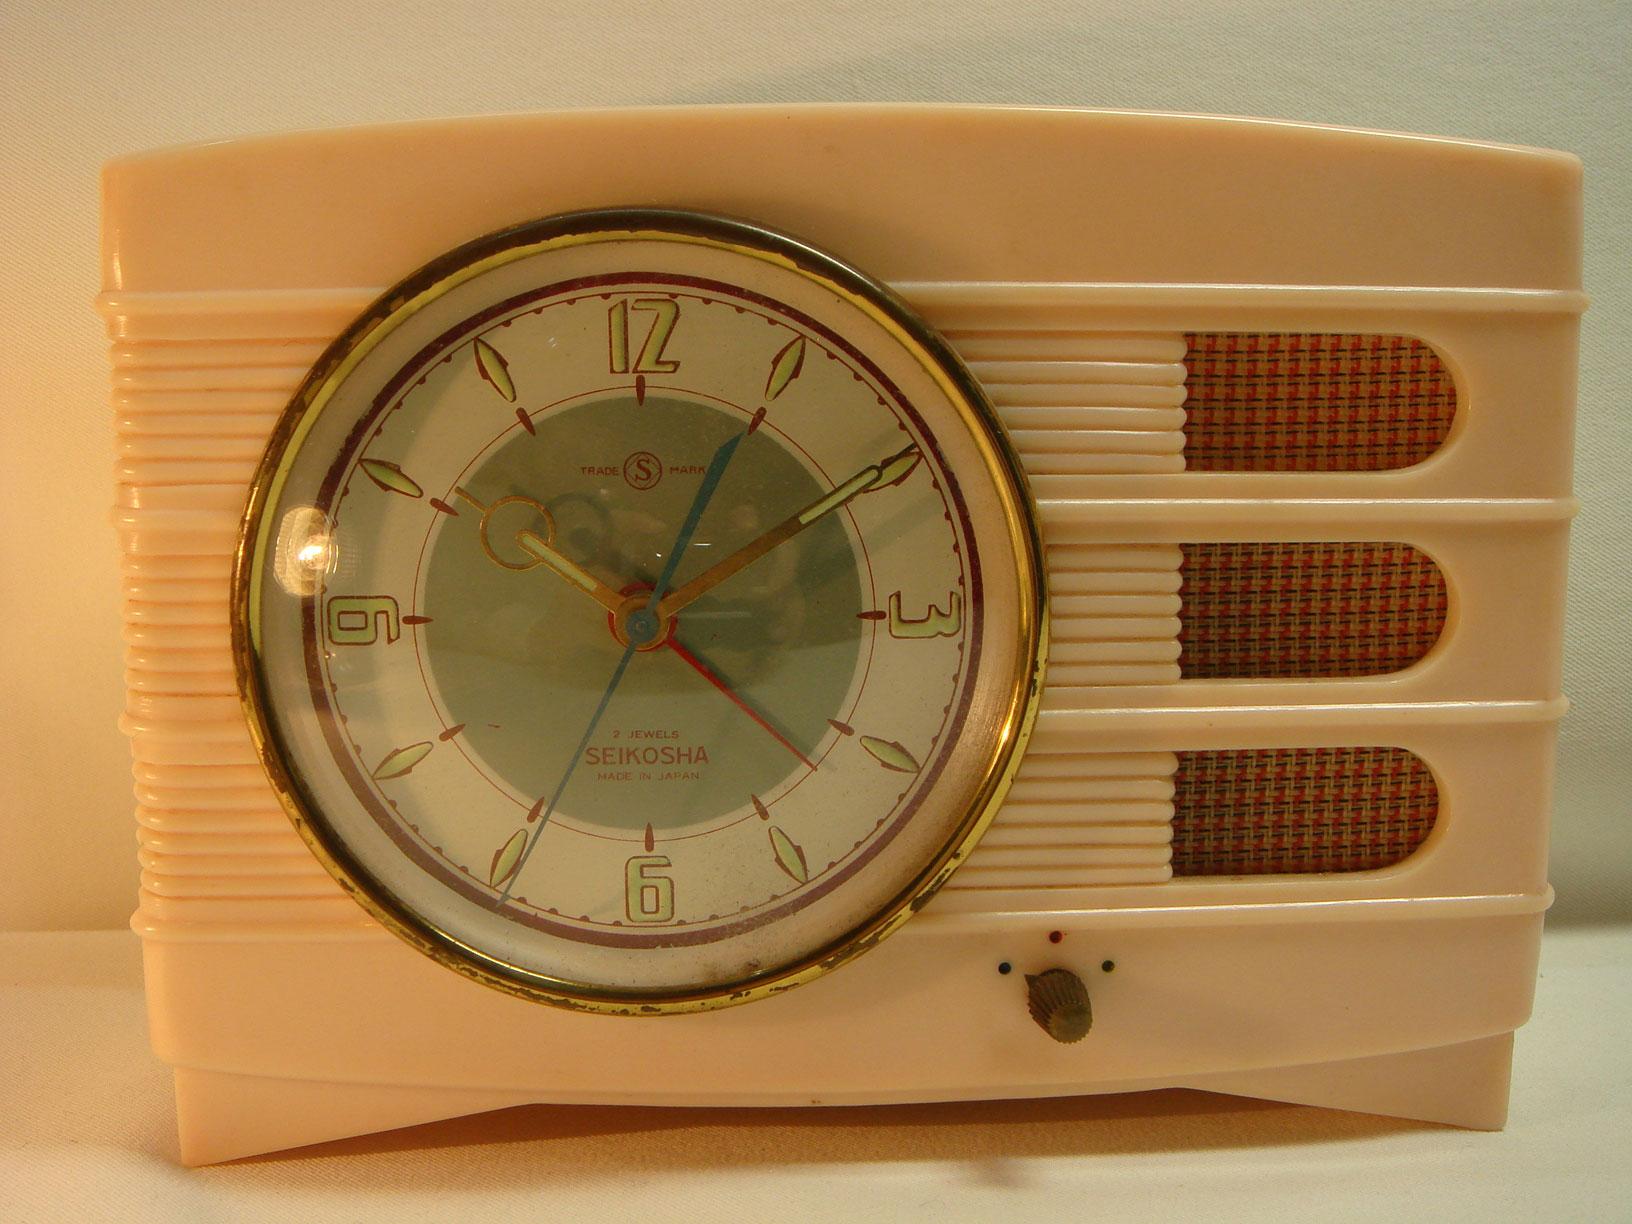 精巧舎 オルゴール目覚まし時計 手巻き 1950年代~ 動作確認済み 日本製 【AW1027】